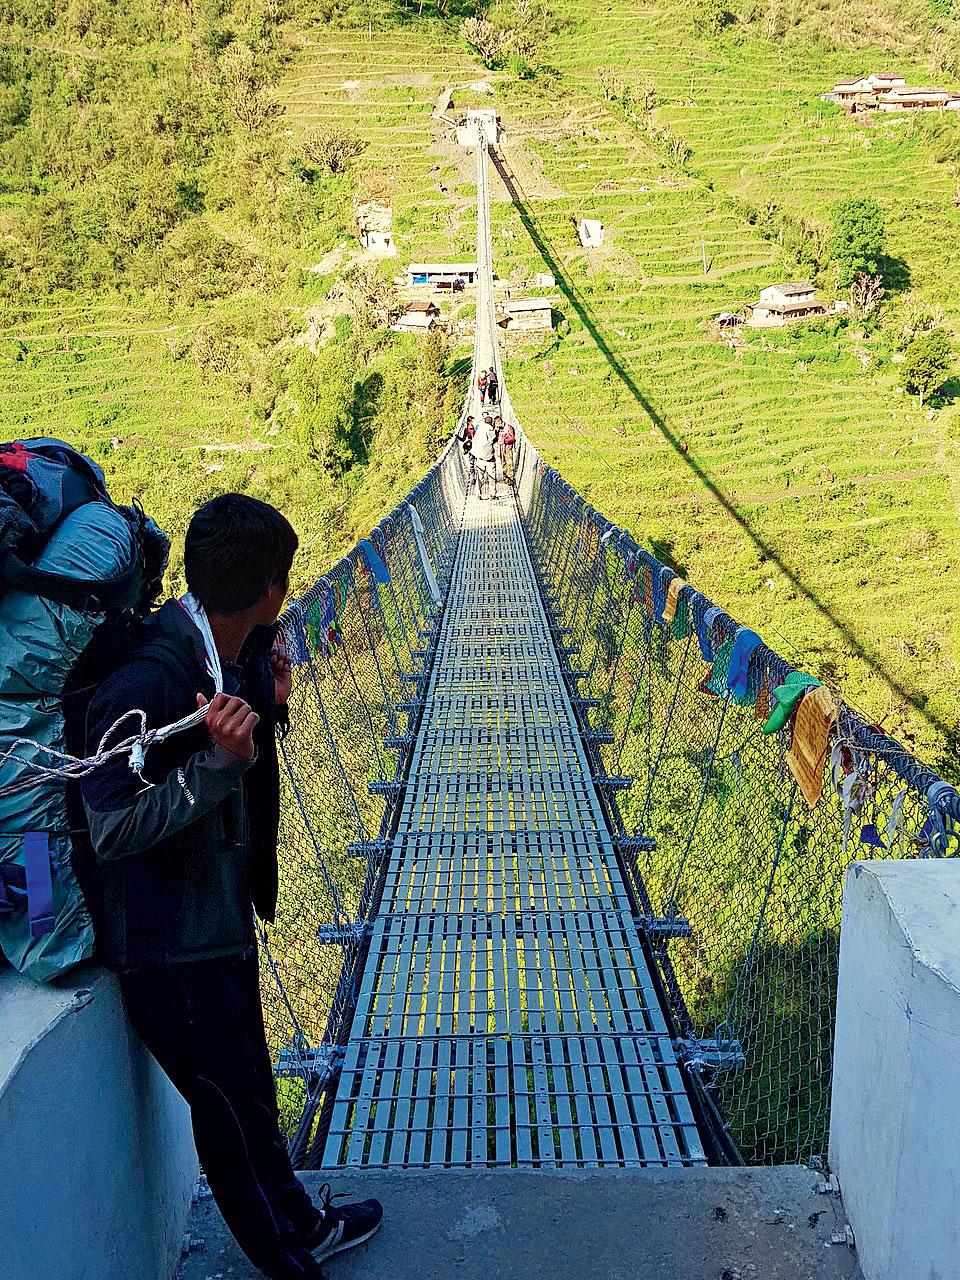 A long hanging bridge spans the Modi River